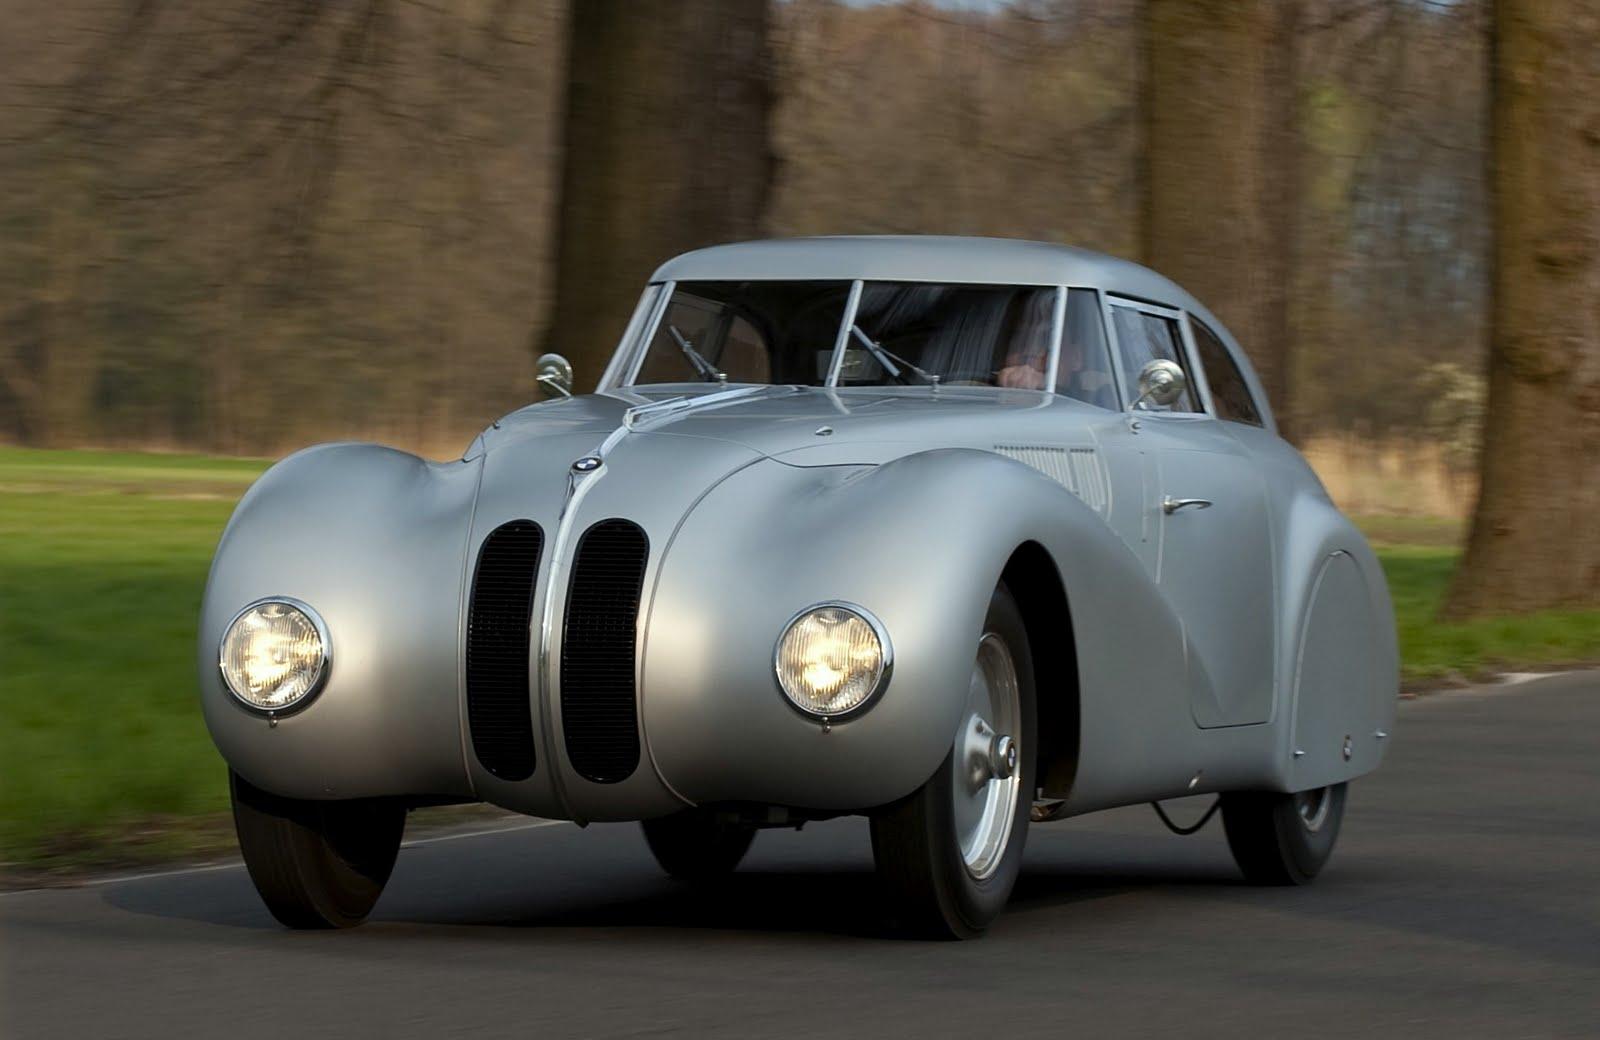 uautoknow.info - GenNews: BMW recreates classic 328 Kamm Coupé